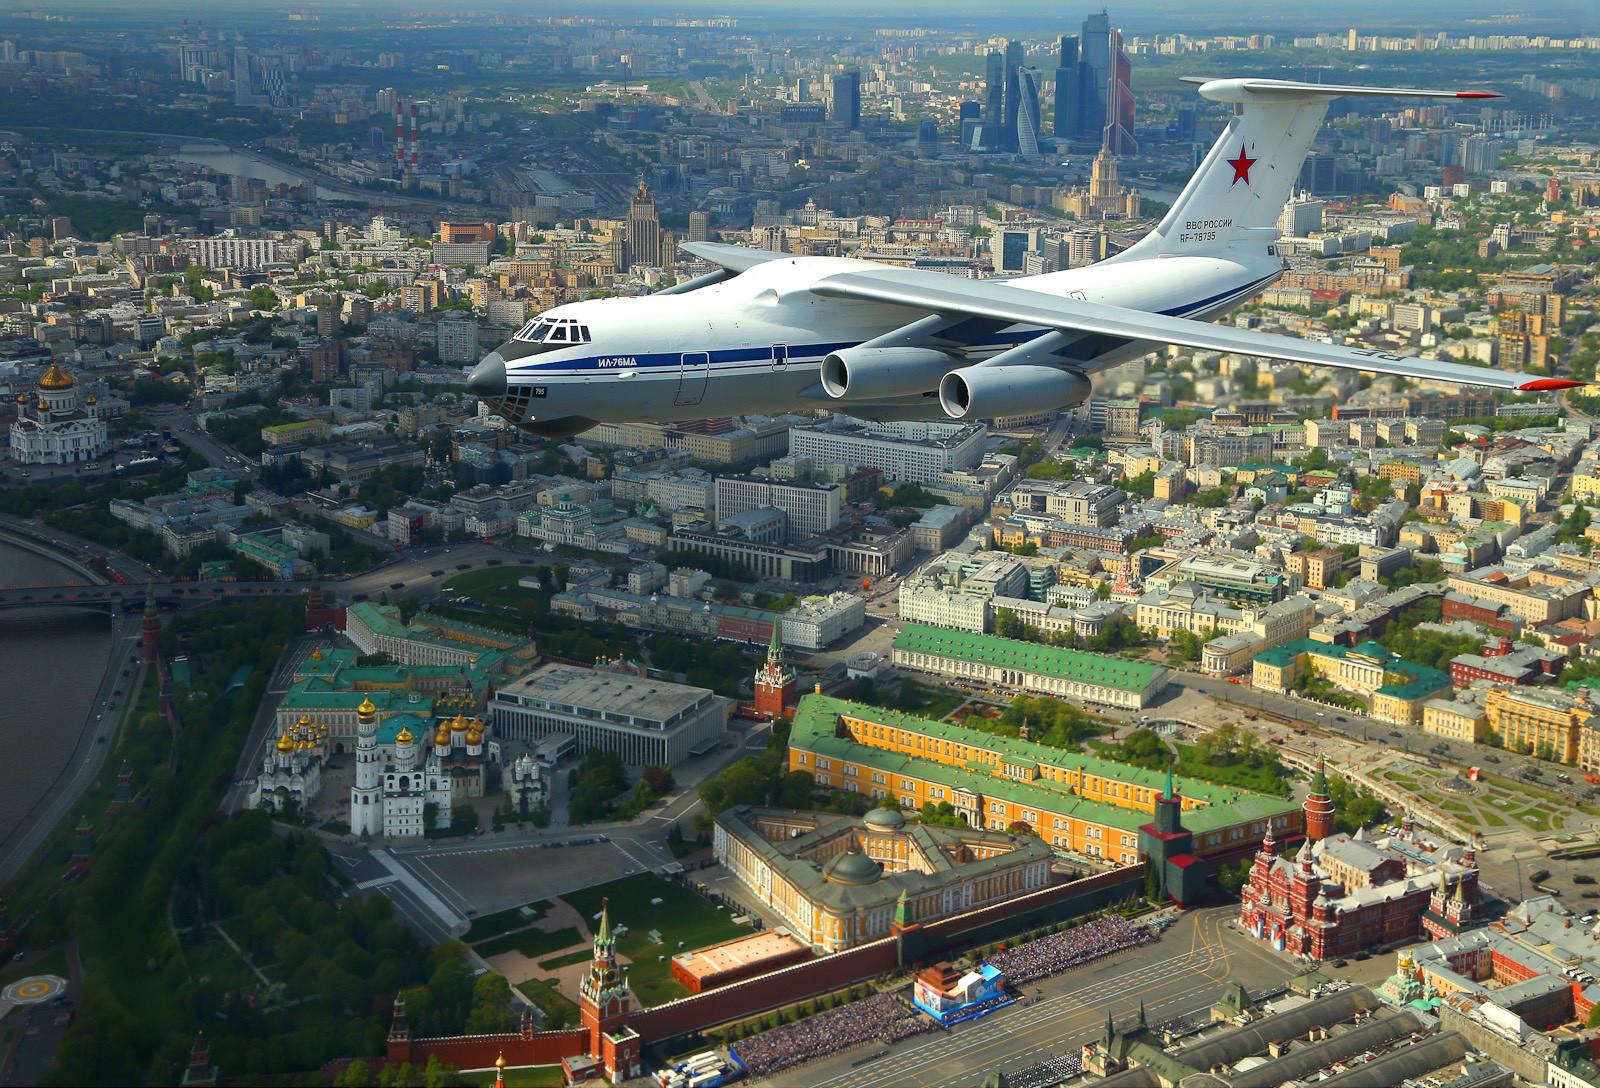 Иљушин Ил-76, вишенаменски четворомоторни стратешки авион